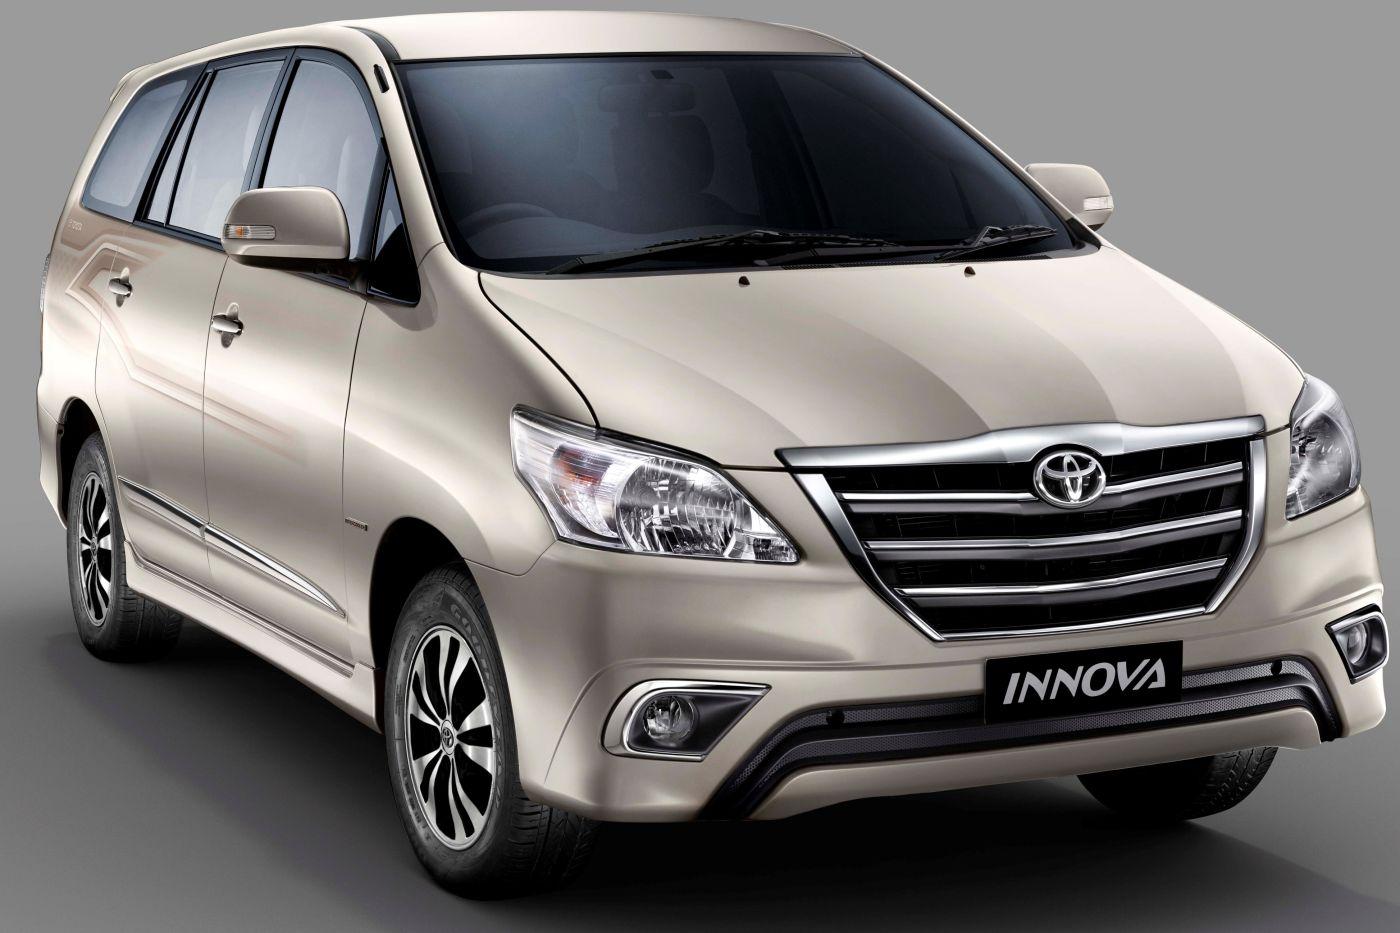 Lý do mọi người thích thuê xe 7 chỗ Innova Toyota 2015?